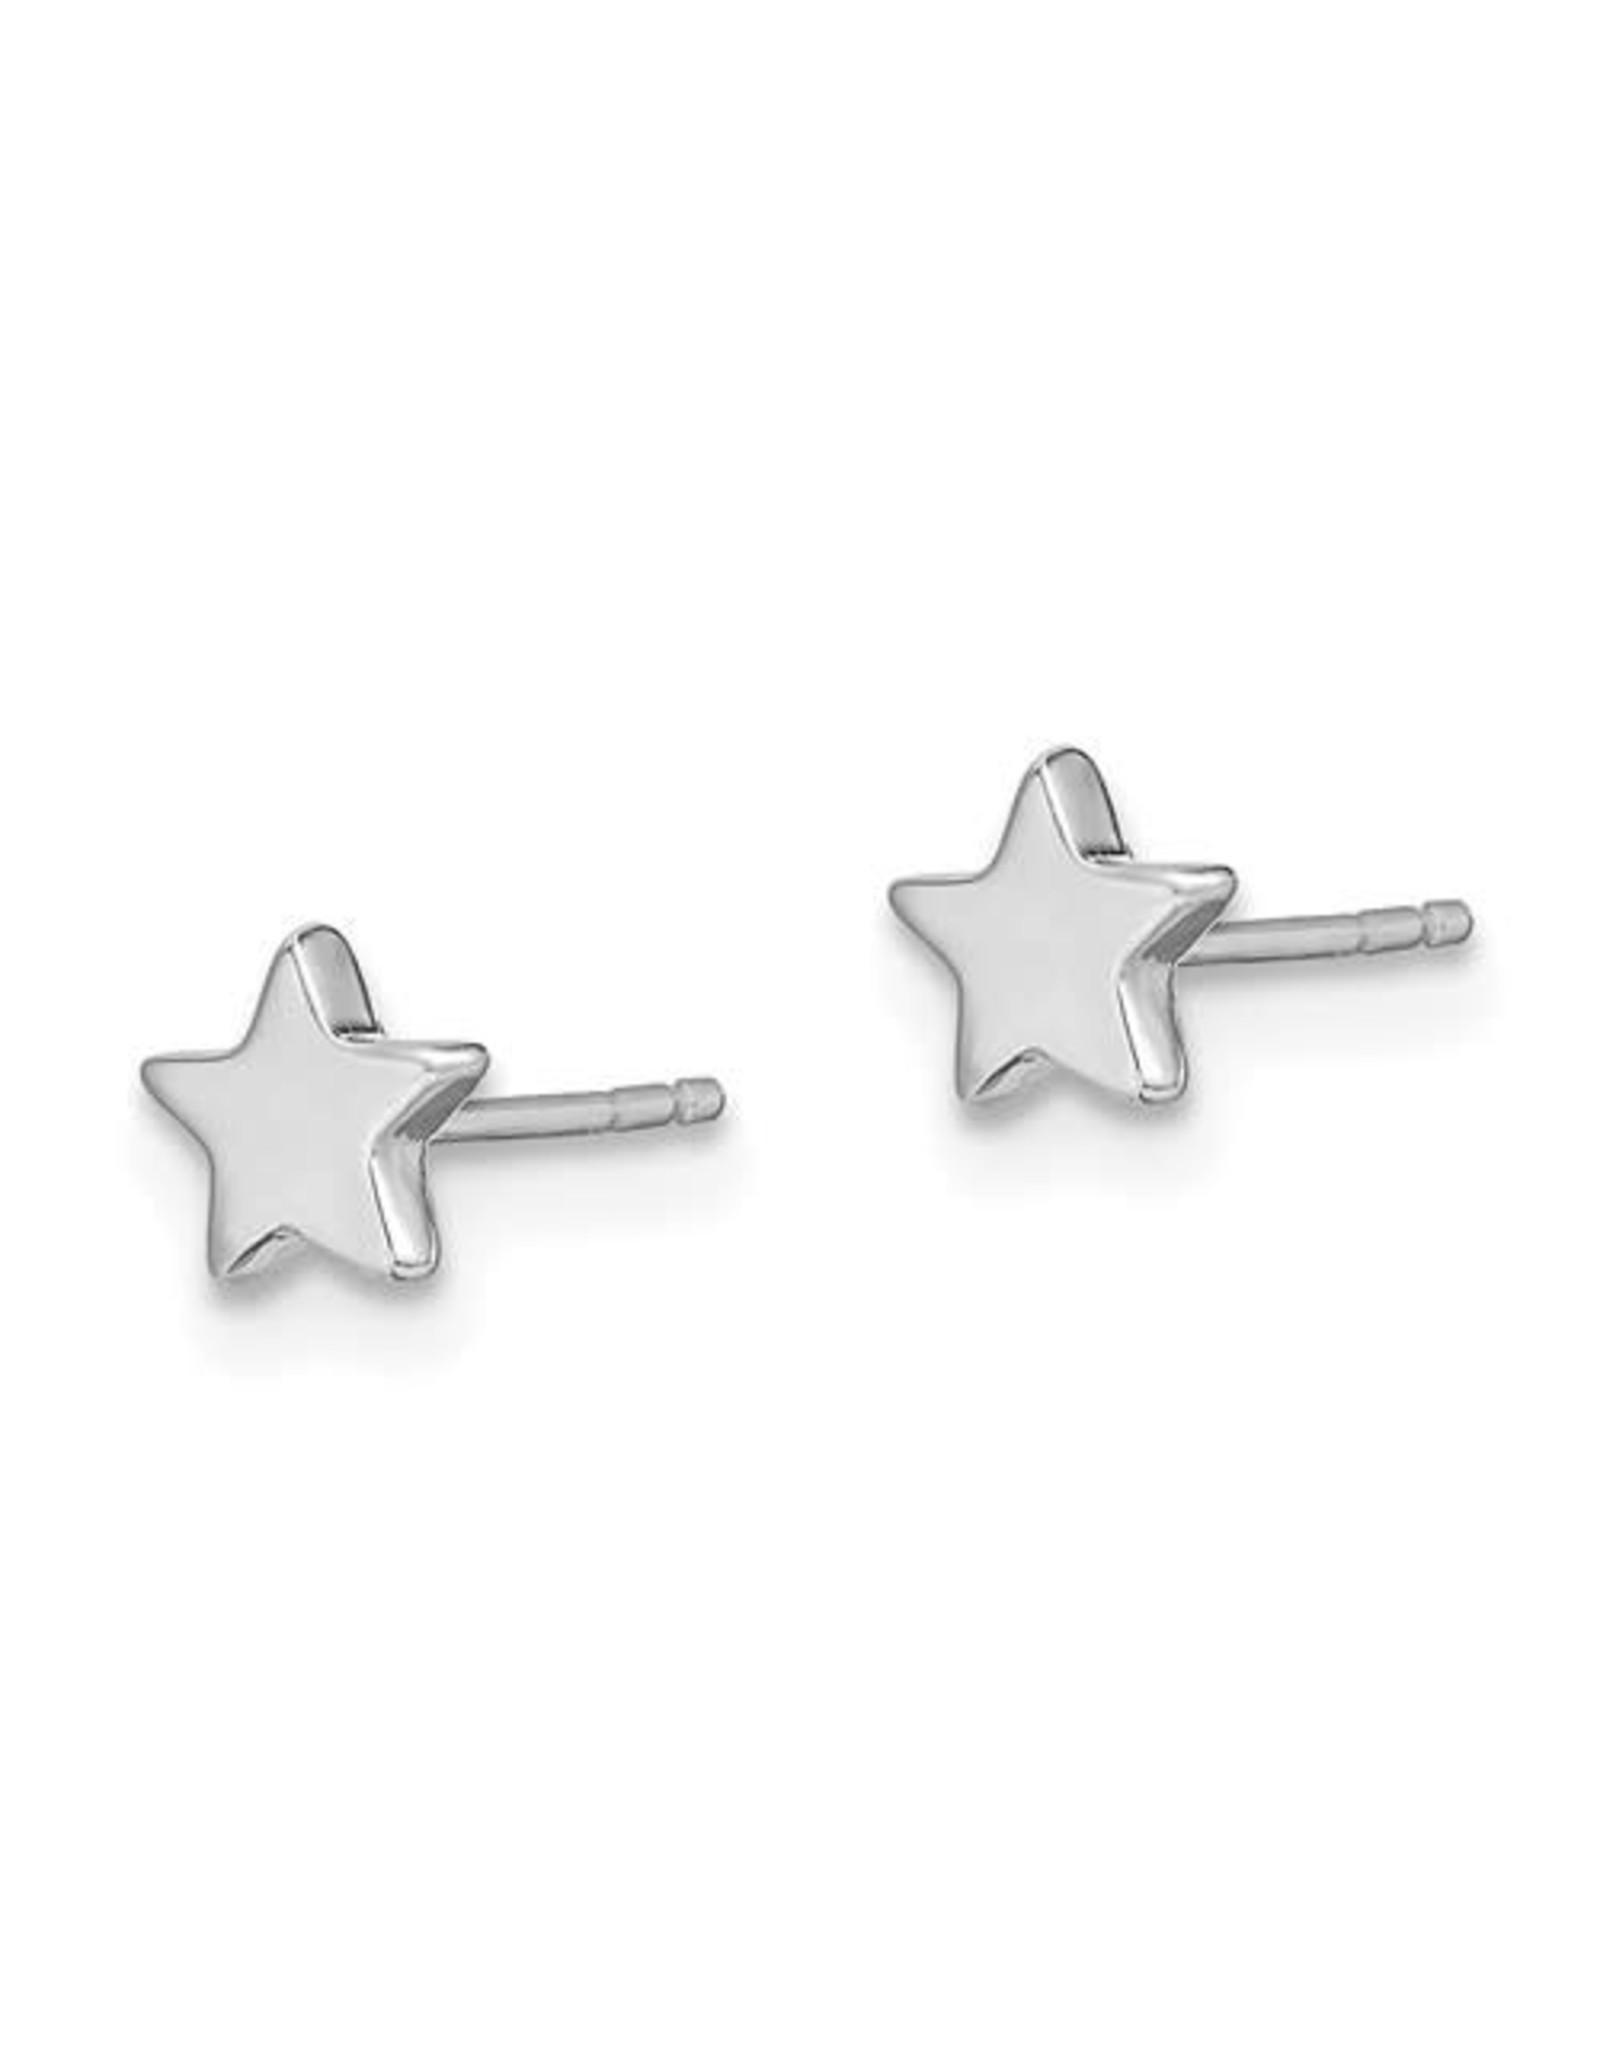 14K Children's White Gold Star Stud Earrings